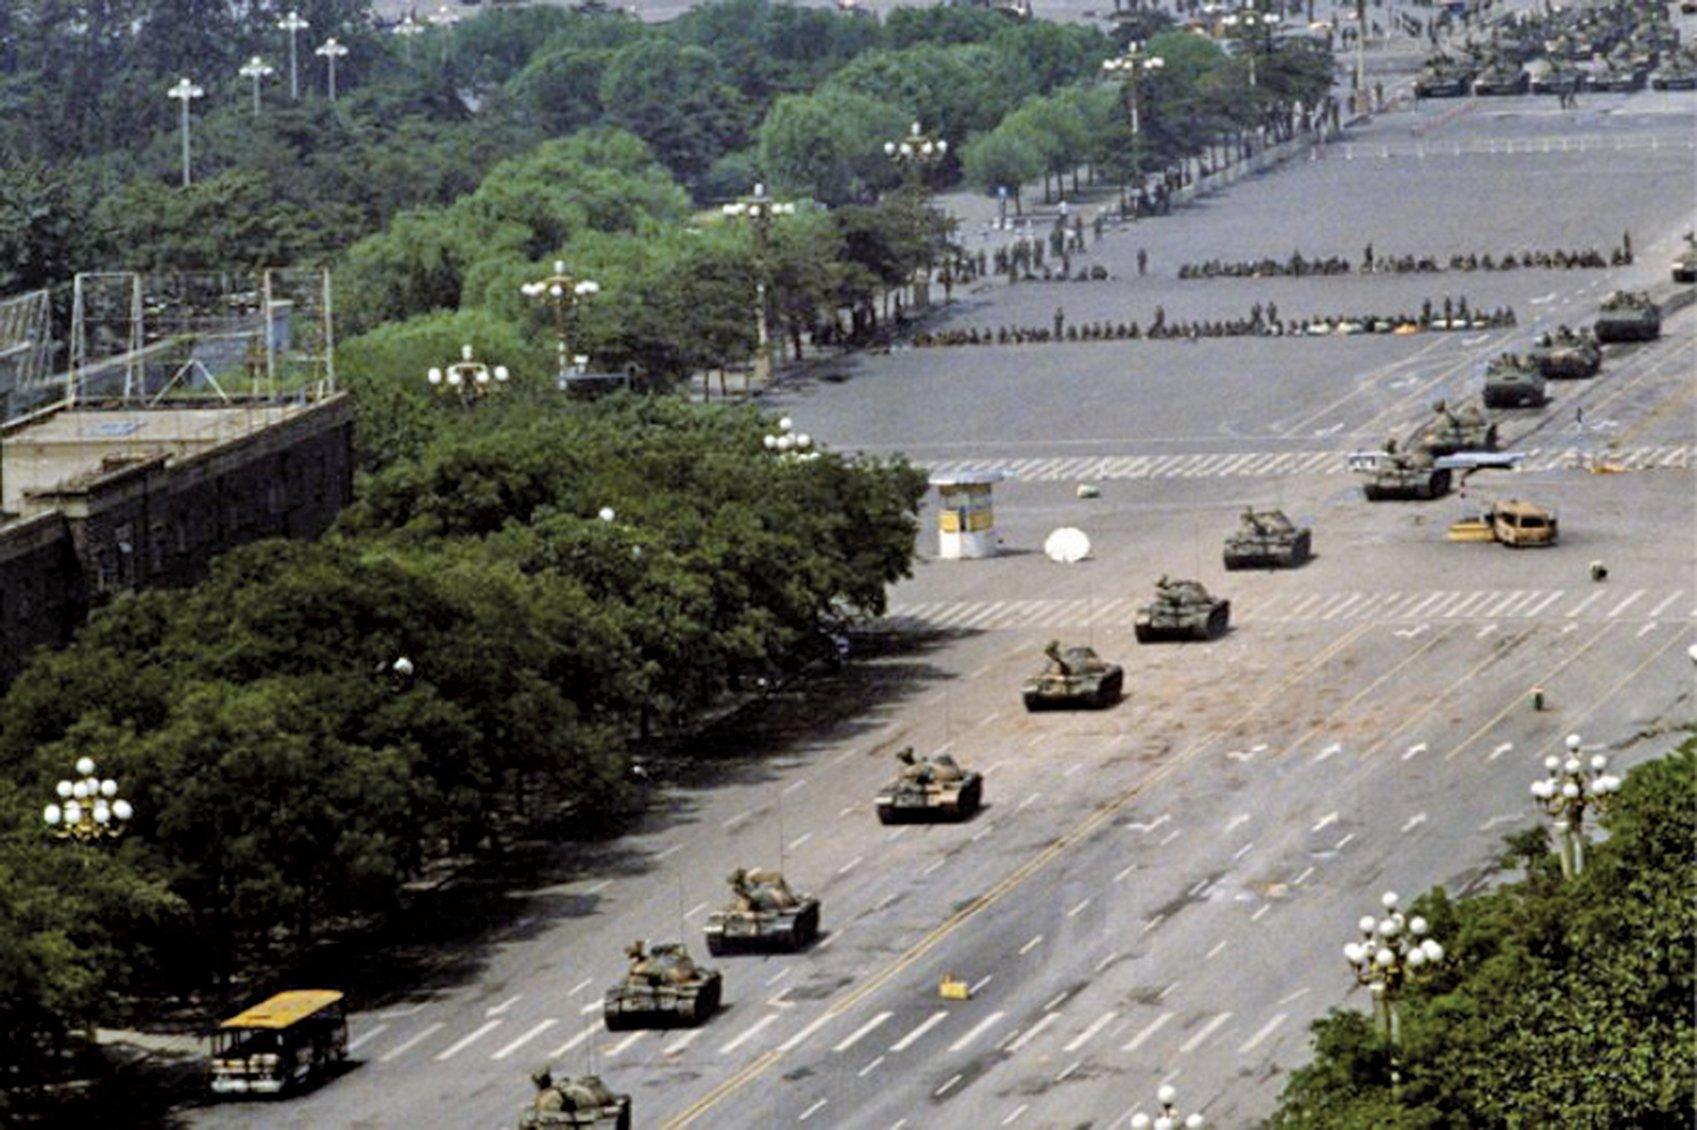 美國白宮及中央情報局解密的文件顯示,「六四」清場,中共派坦克軍隊鎮壓時,中共軍隊曾發生內訌。(資料圖片)